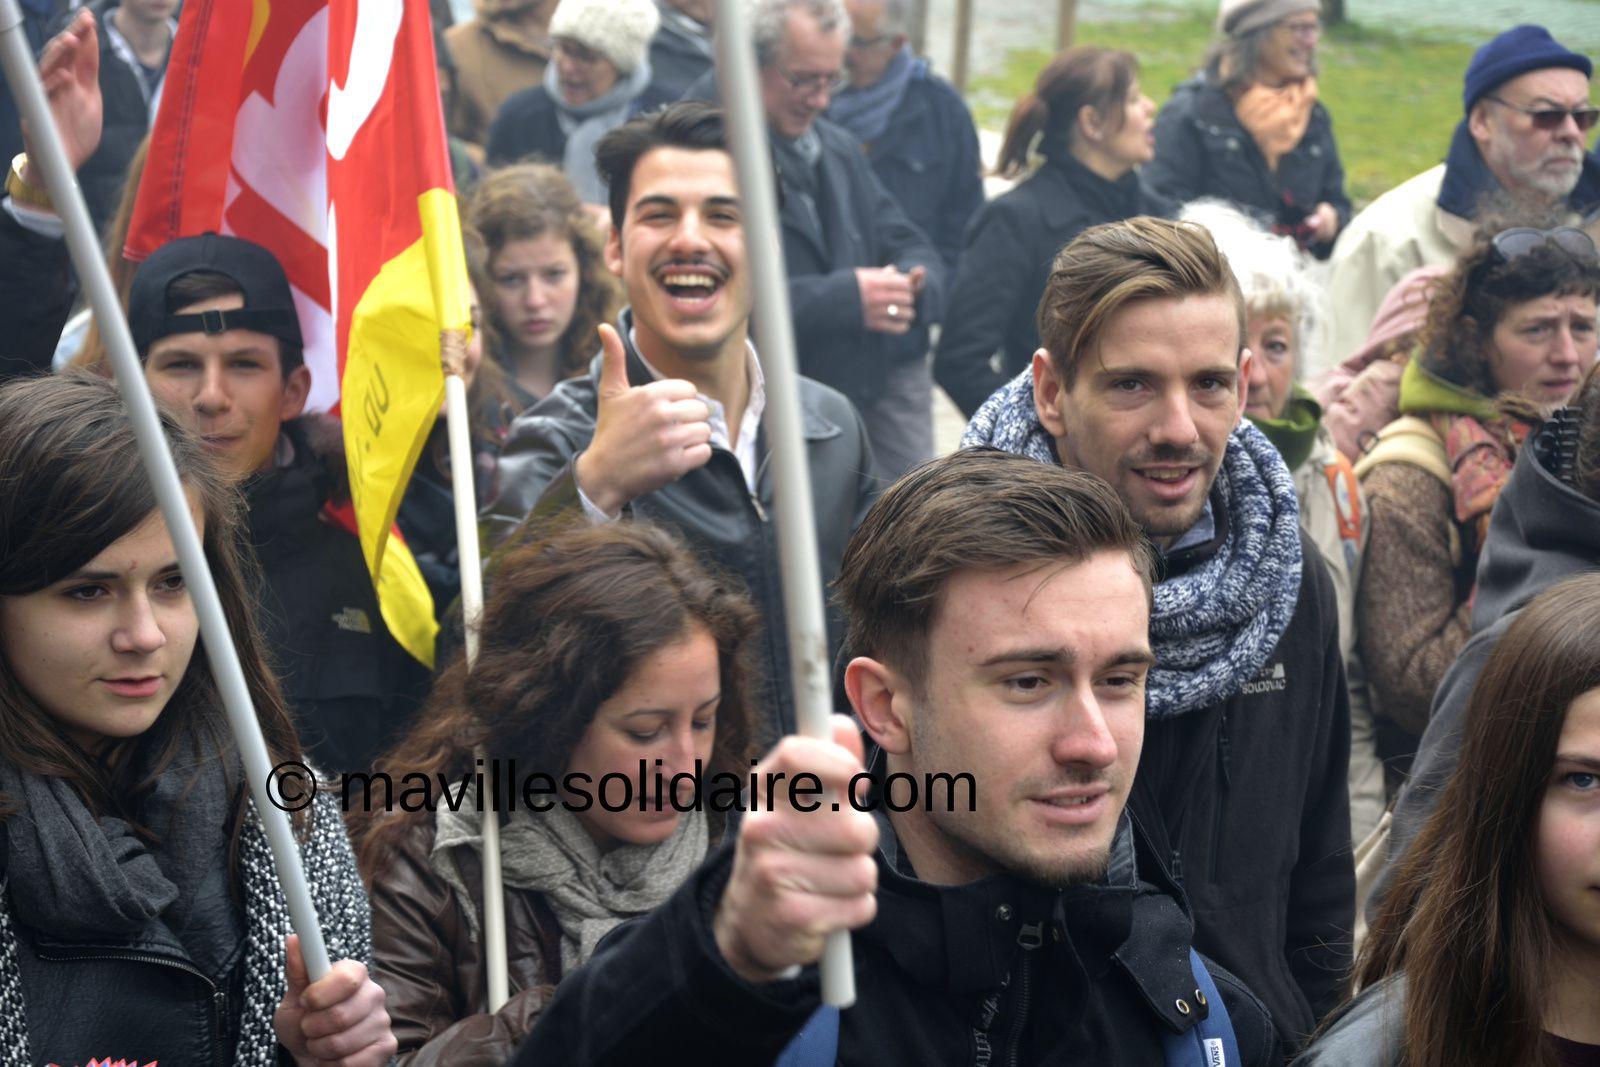 La Roche-sur-Yon. Plus de 2000 manifestants contre la loi travail [images]